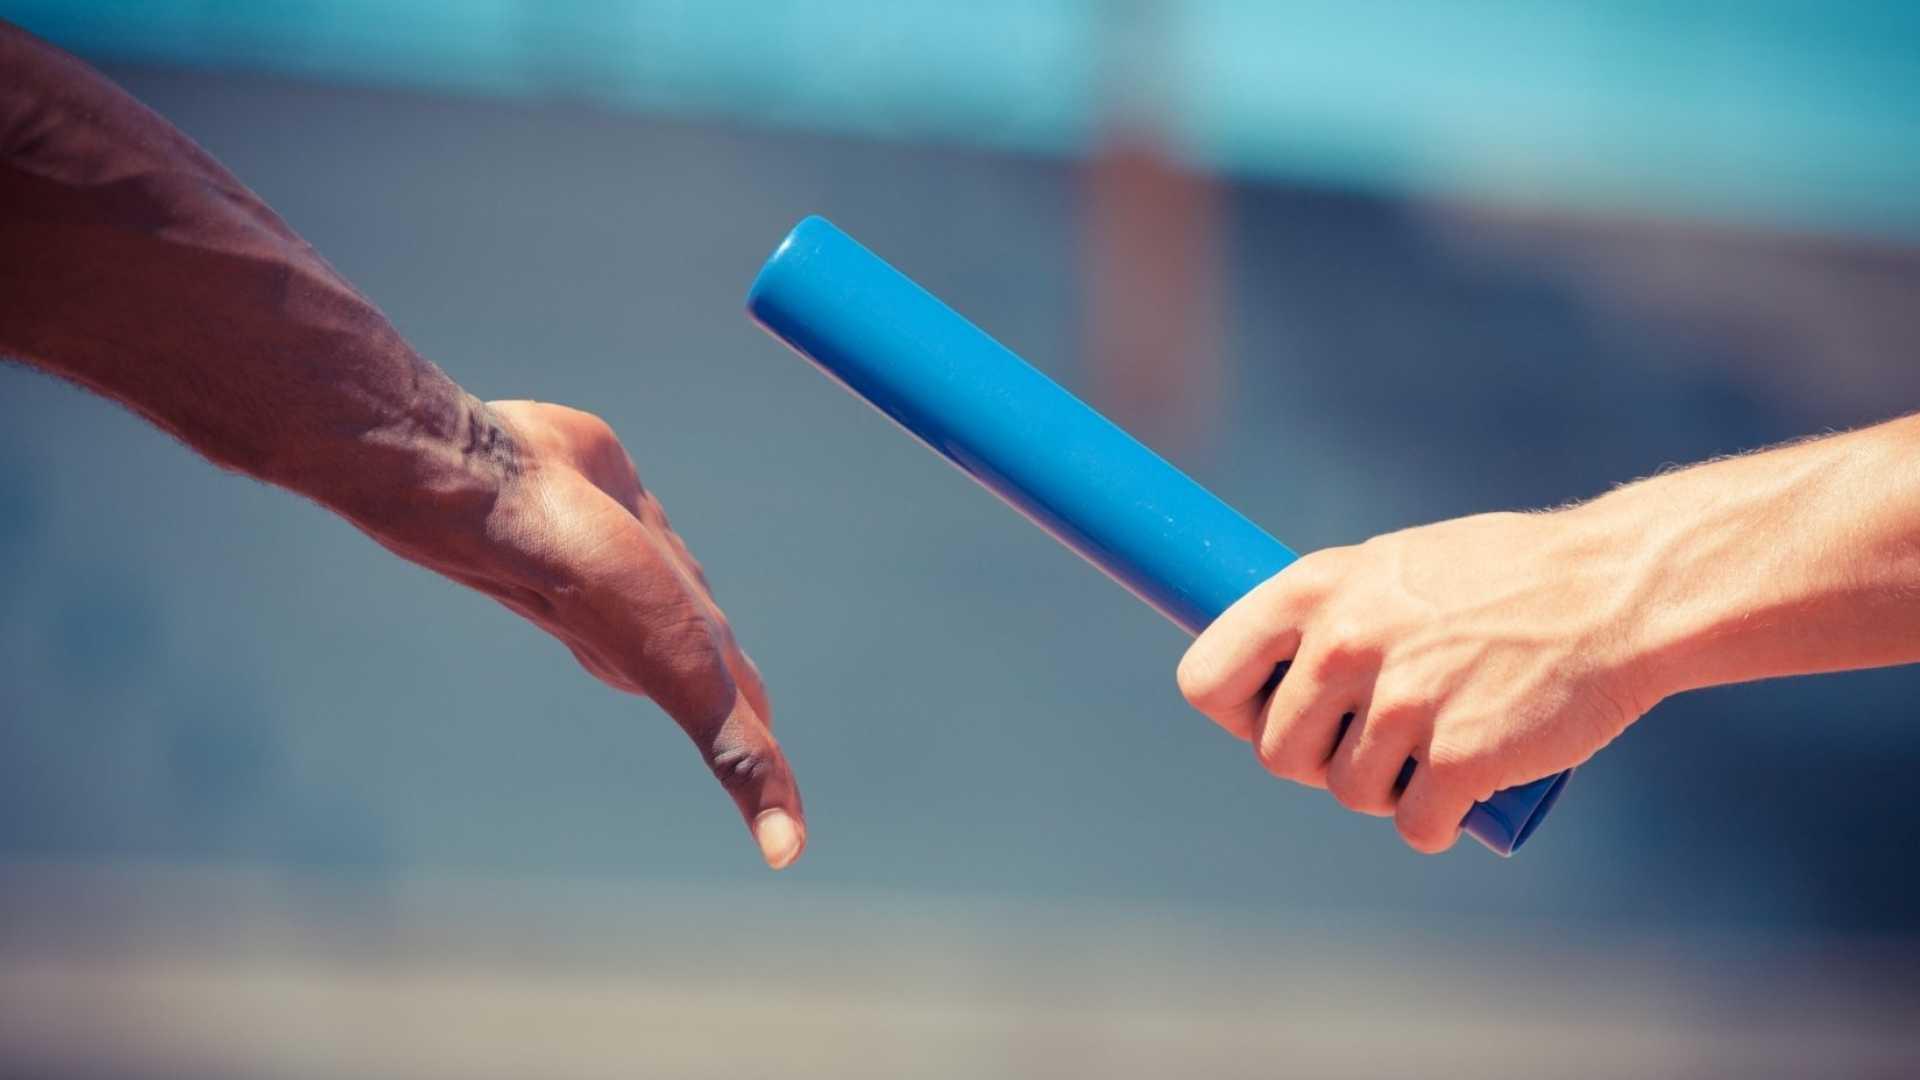 Delegation Will Make You a Stronger Leader